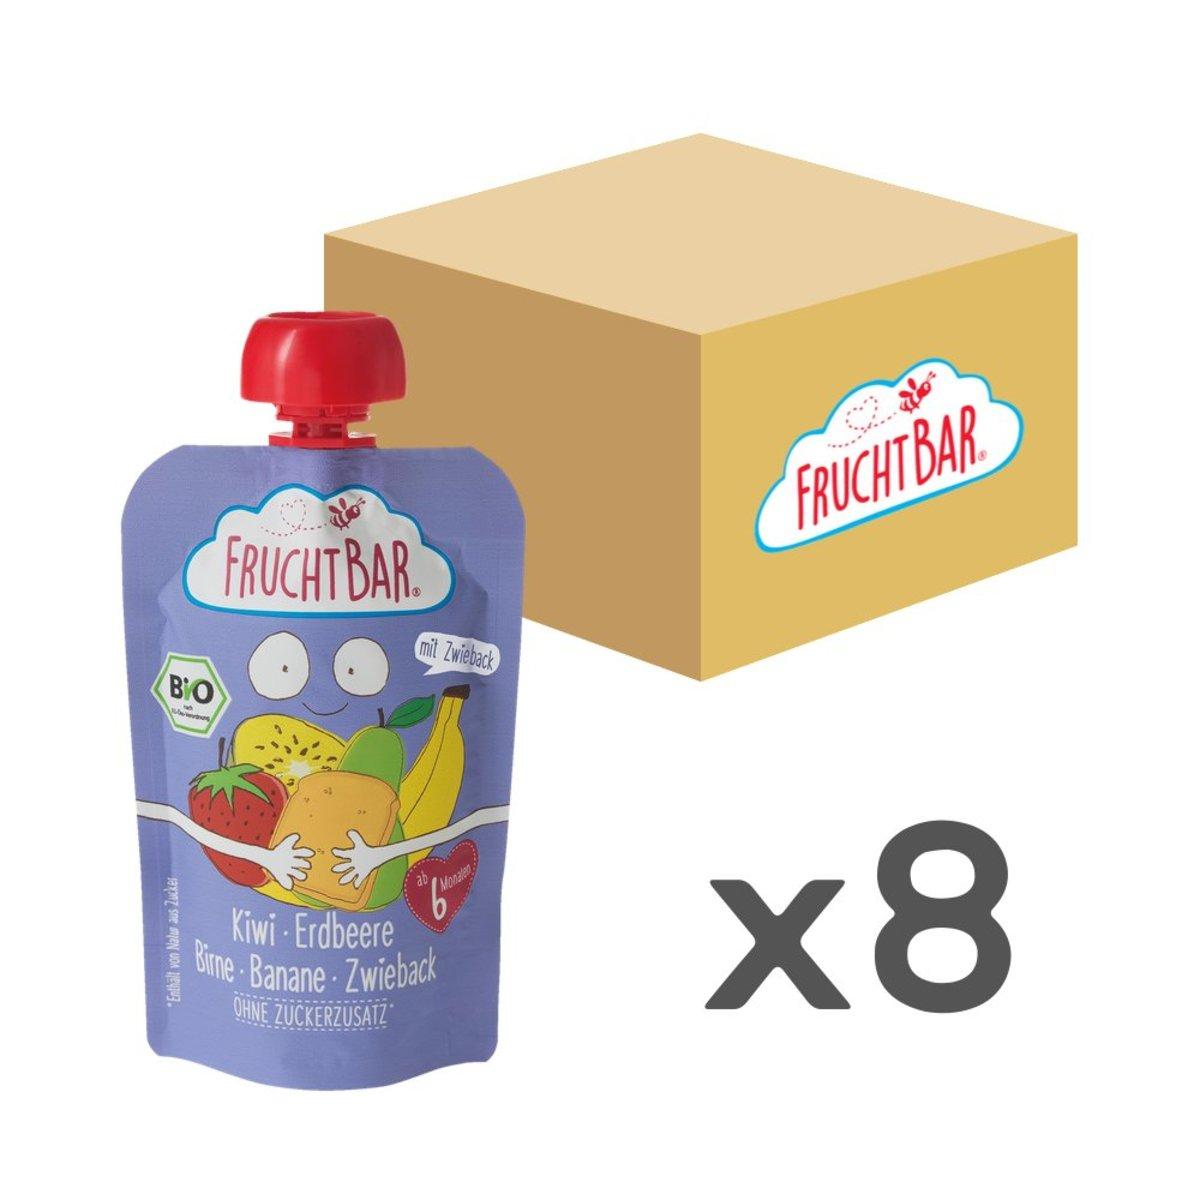 [原箱] 有機穀物果蓉 - 奇異果草莓脆餅 100g x8